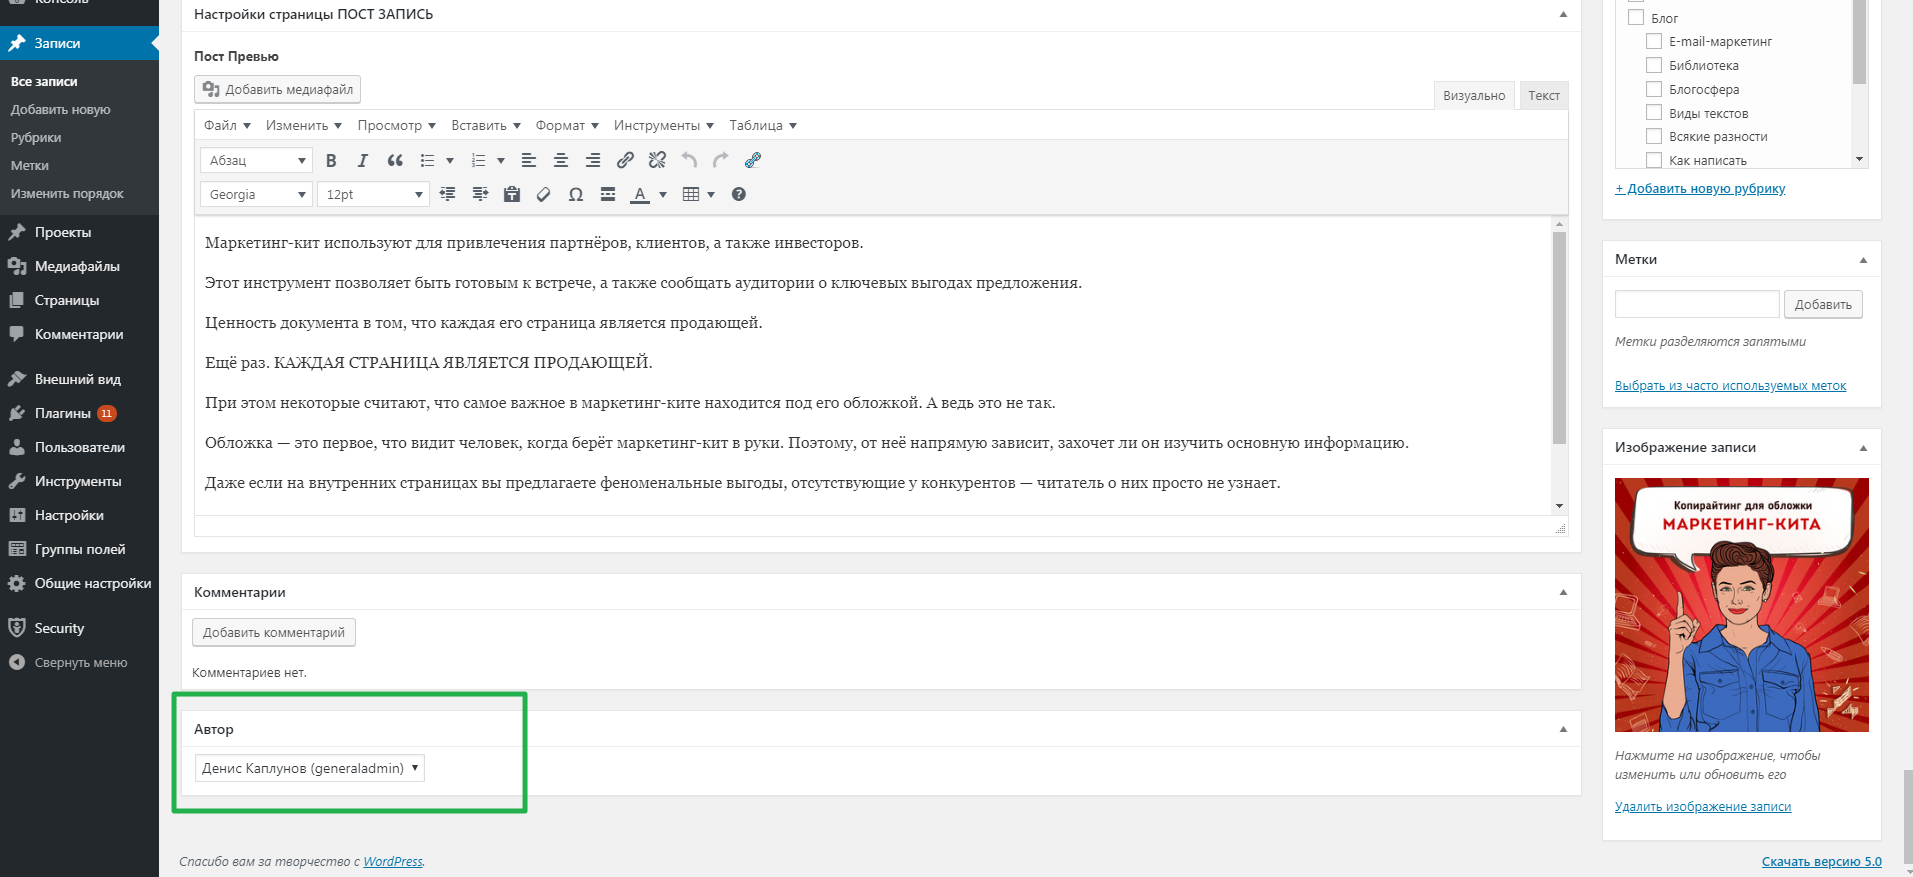 Инструкция по добавлению записей/статей в блог